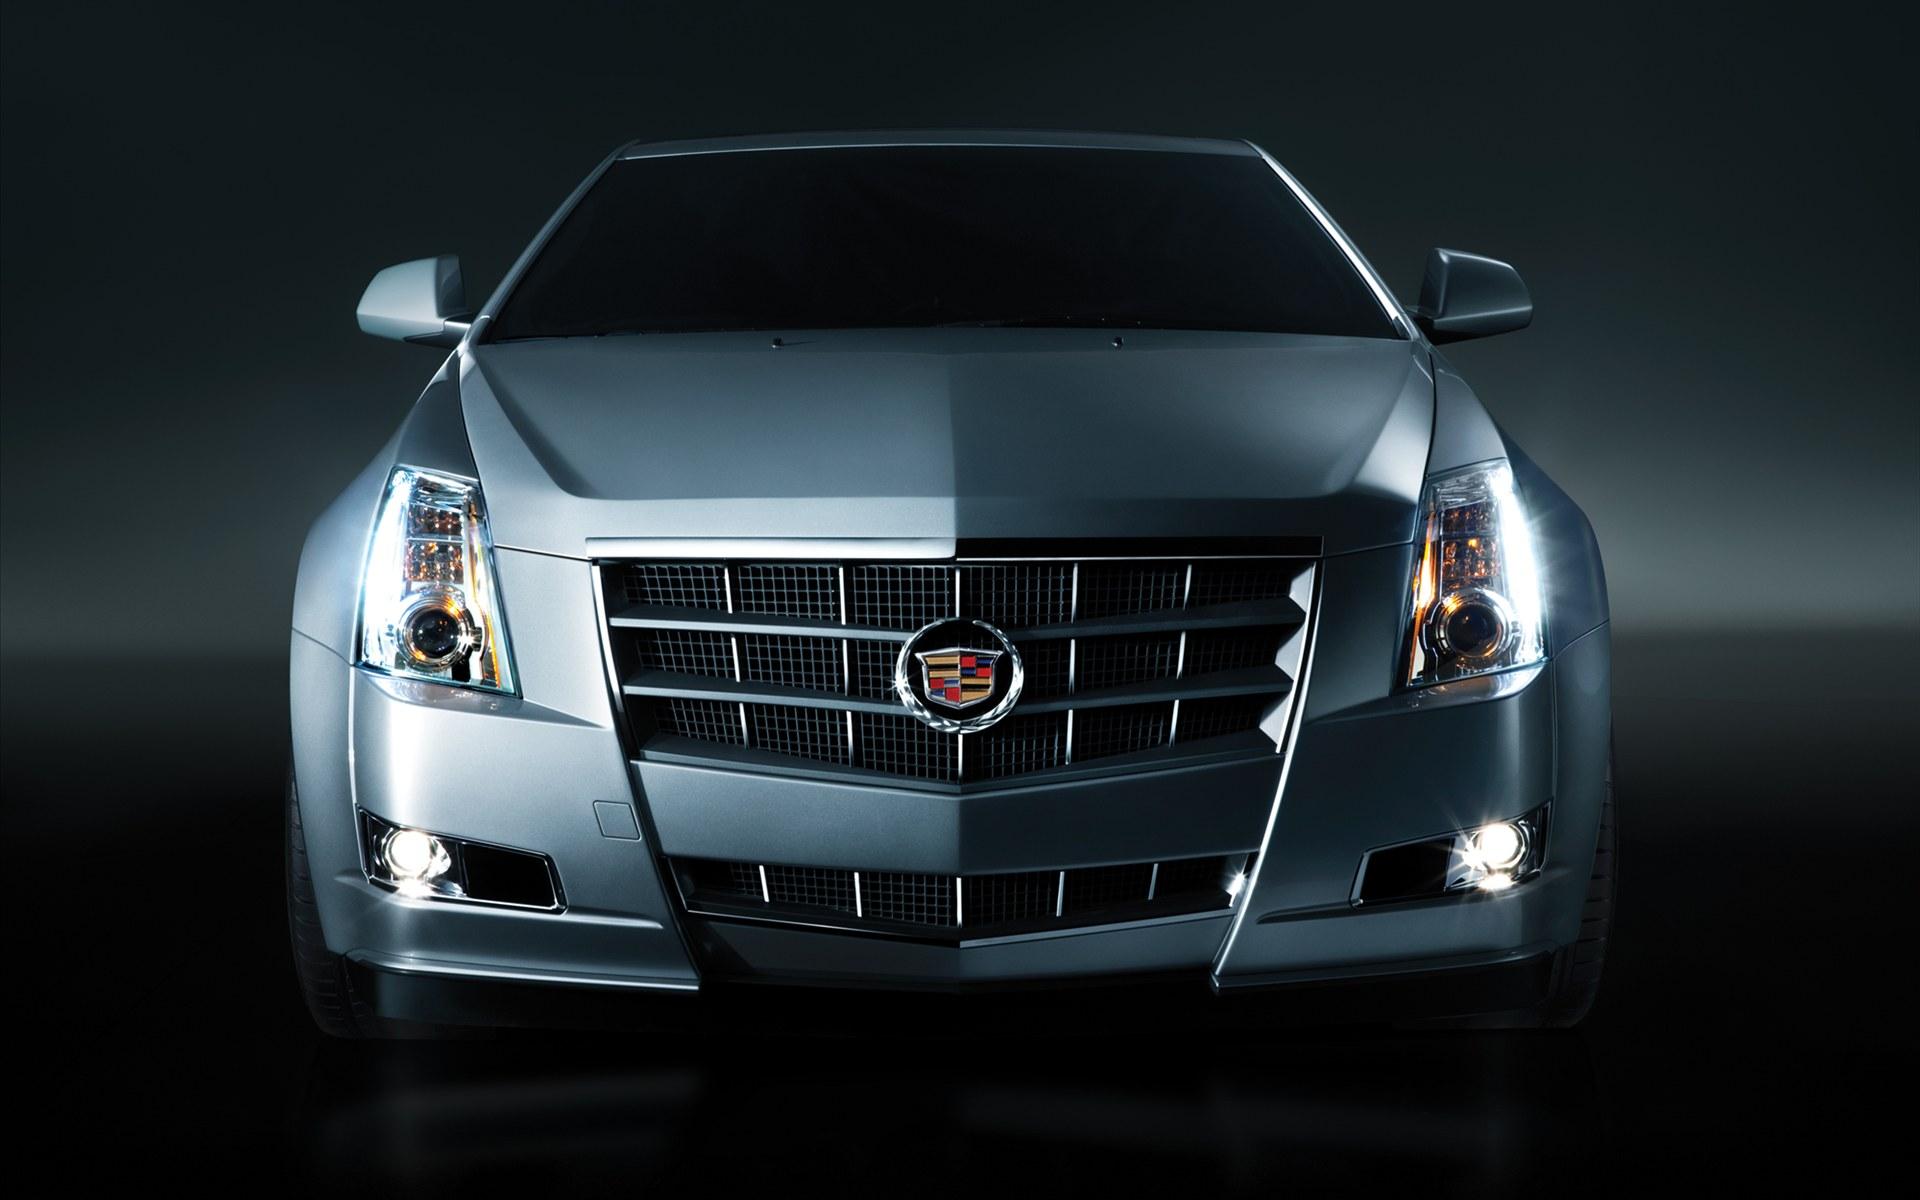 壁纸1920 215 1200cadillac 凯迪拉克 Cts Coupe 2011 壁纸12壁纸 Cadillac 凯